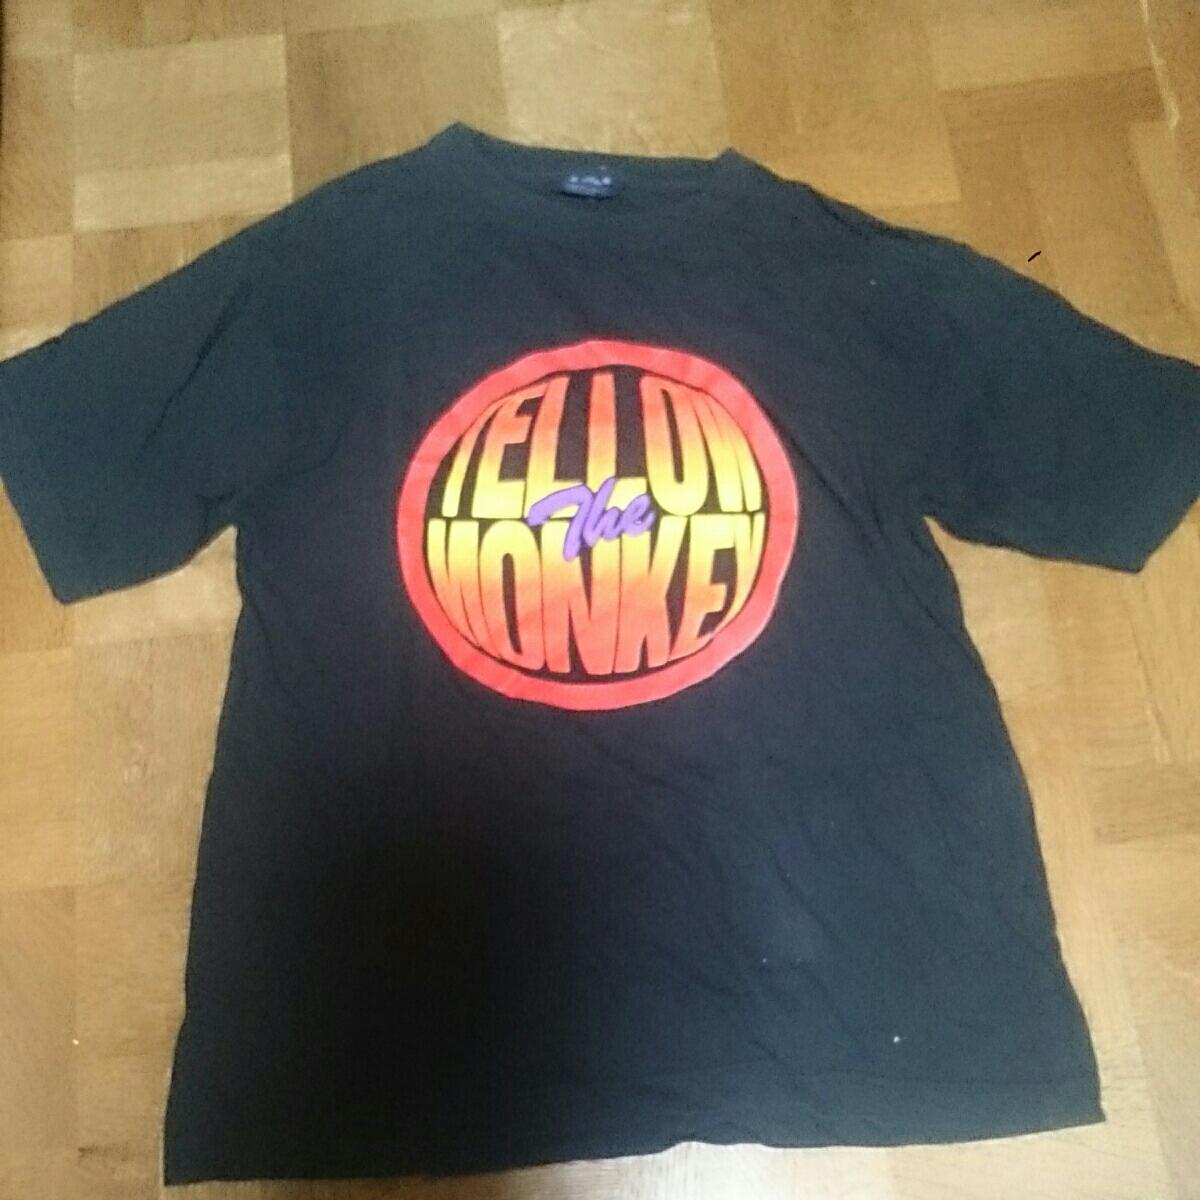 THE YELLOW MONKEY 1996 FOR SEASON 野生の証明 Tシャツ(黒) イエモン ライブグッズの画像